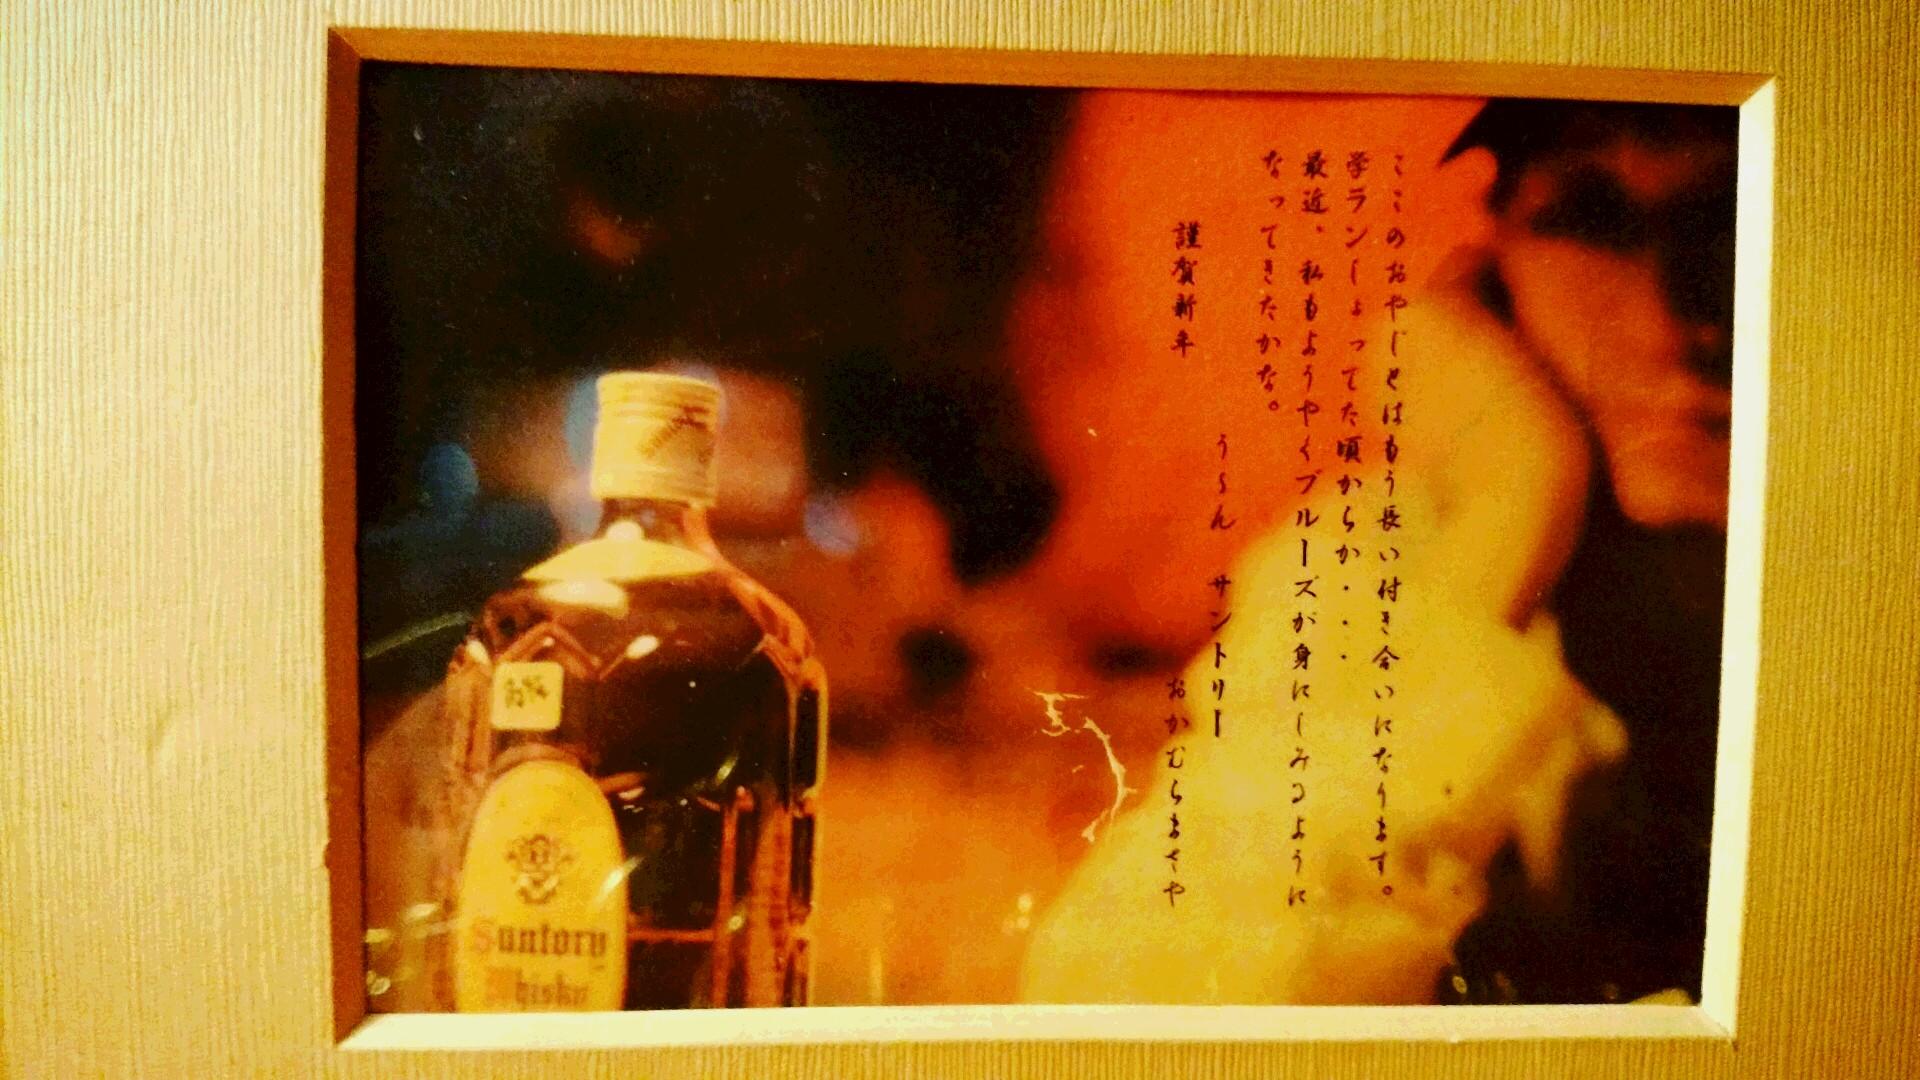 魅酒健太郎さんとのライブでした